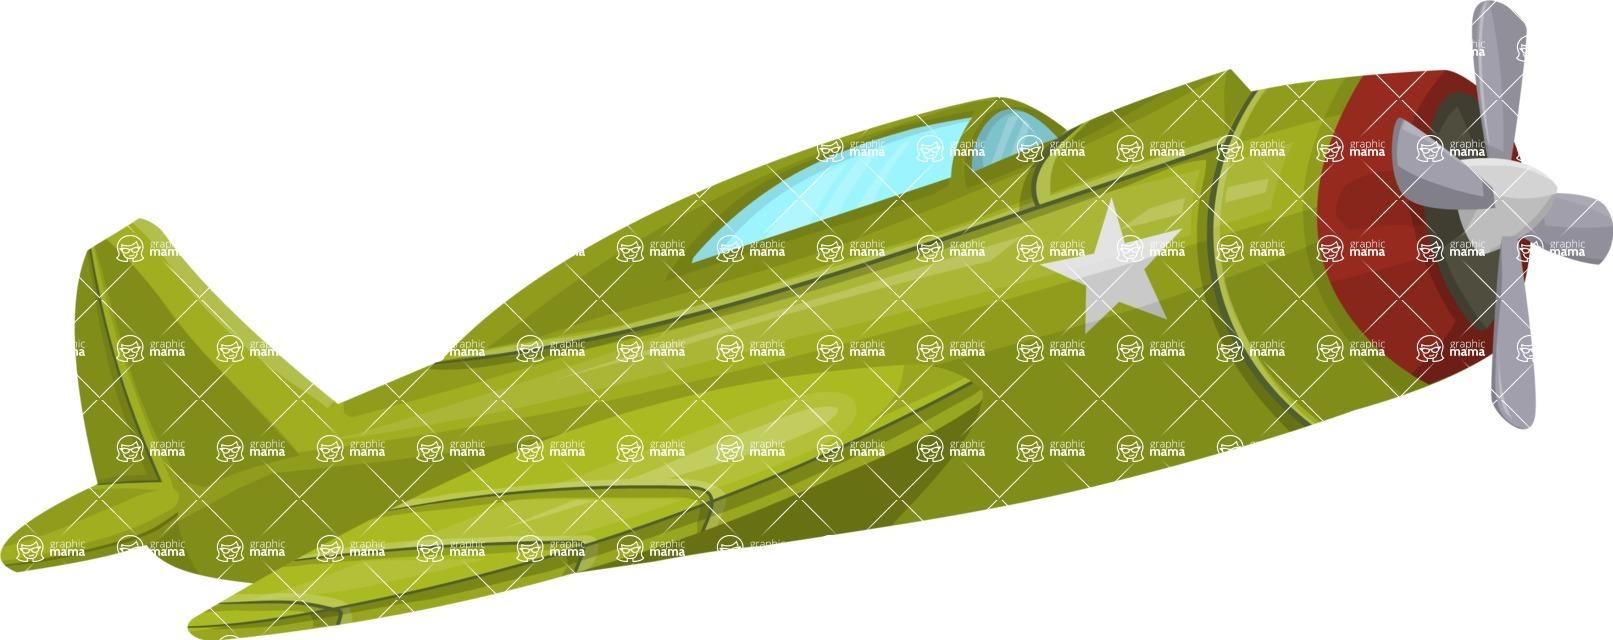 Pin Up Vectors - Mega Bundle - Flying Retro War Plane